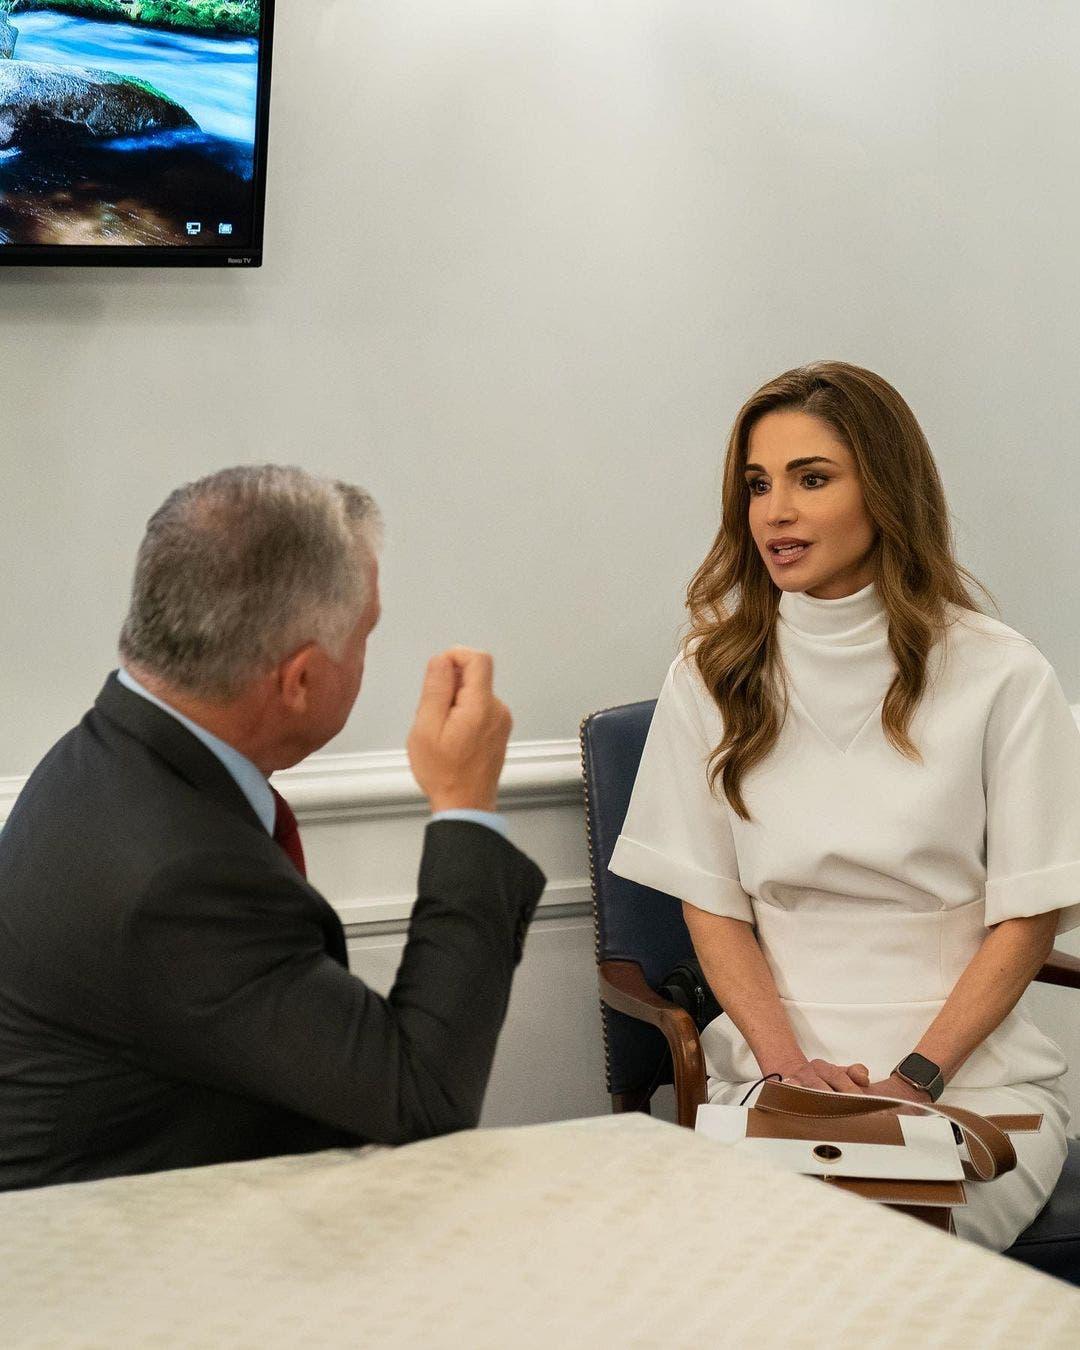 الملكة رانيا برفقة الملك عبدالله في اليوم الرابع من الزيارة